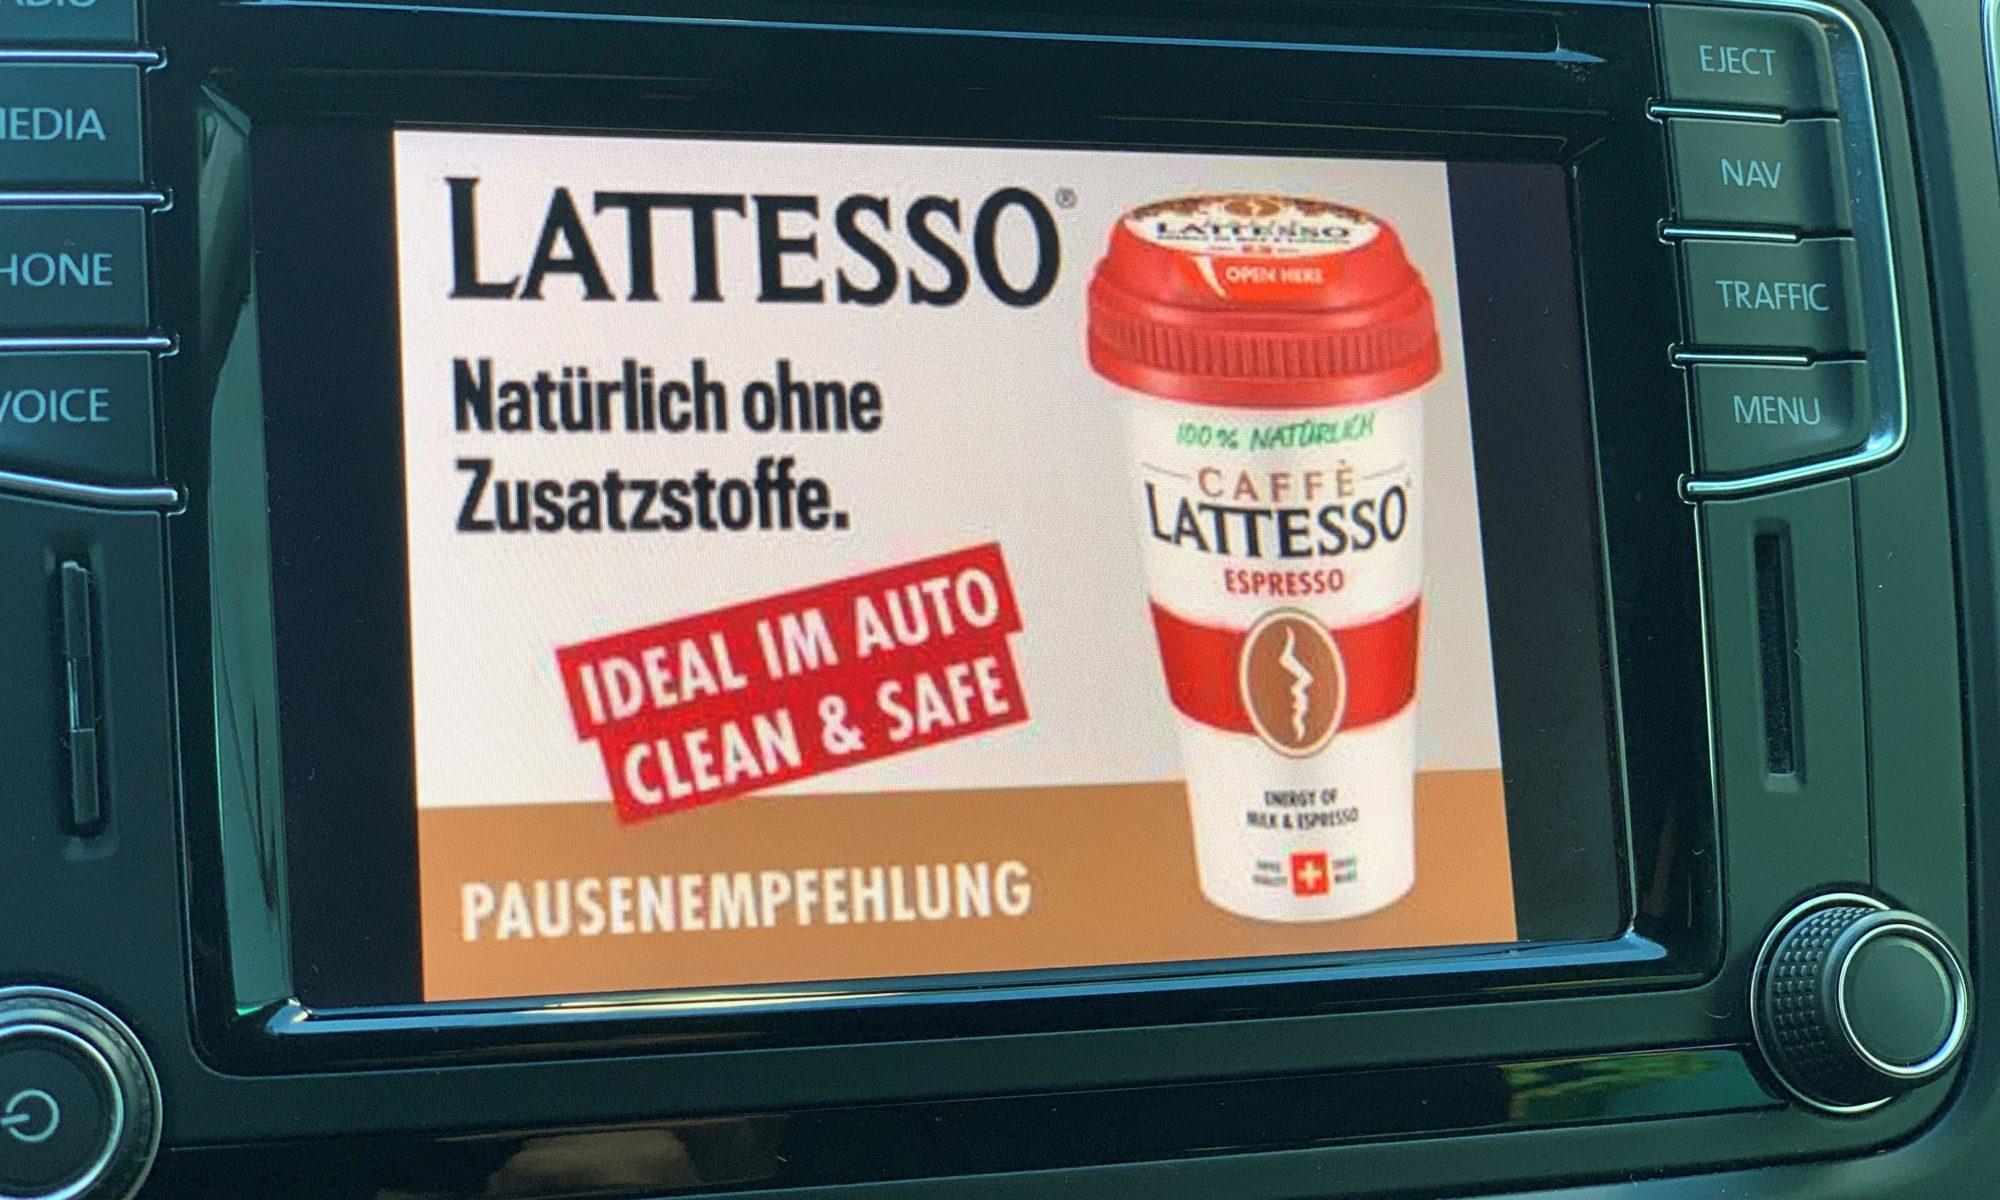 Display Ads Kampagne von Lattesso